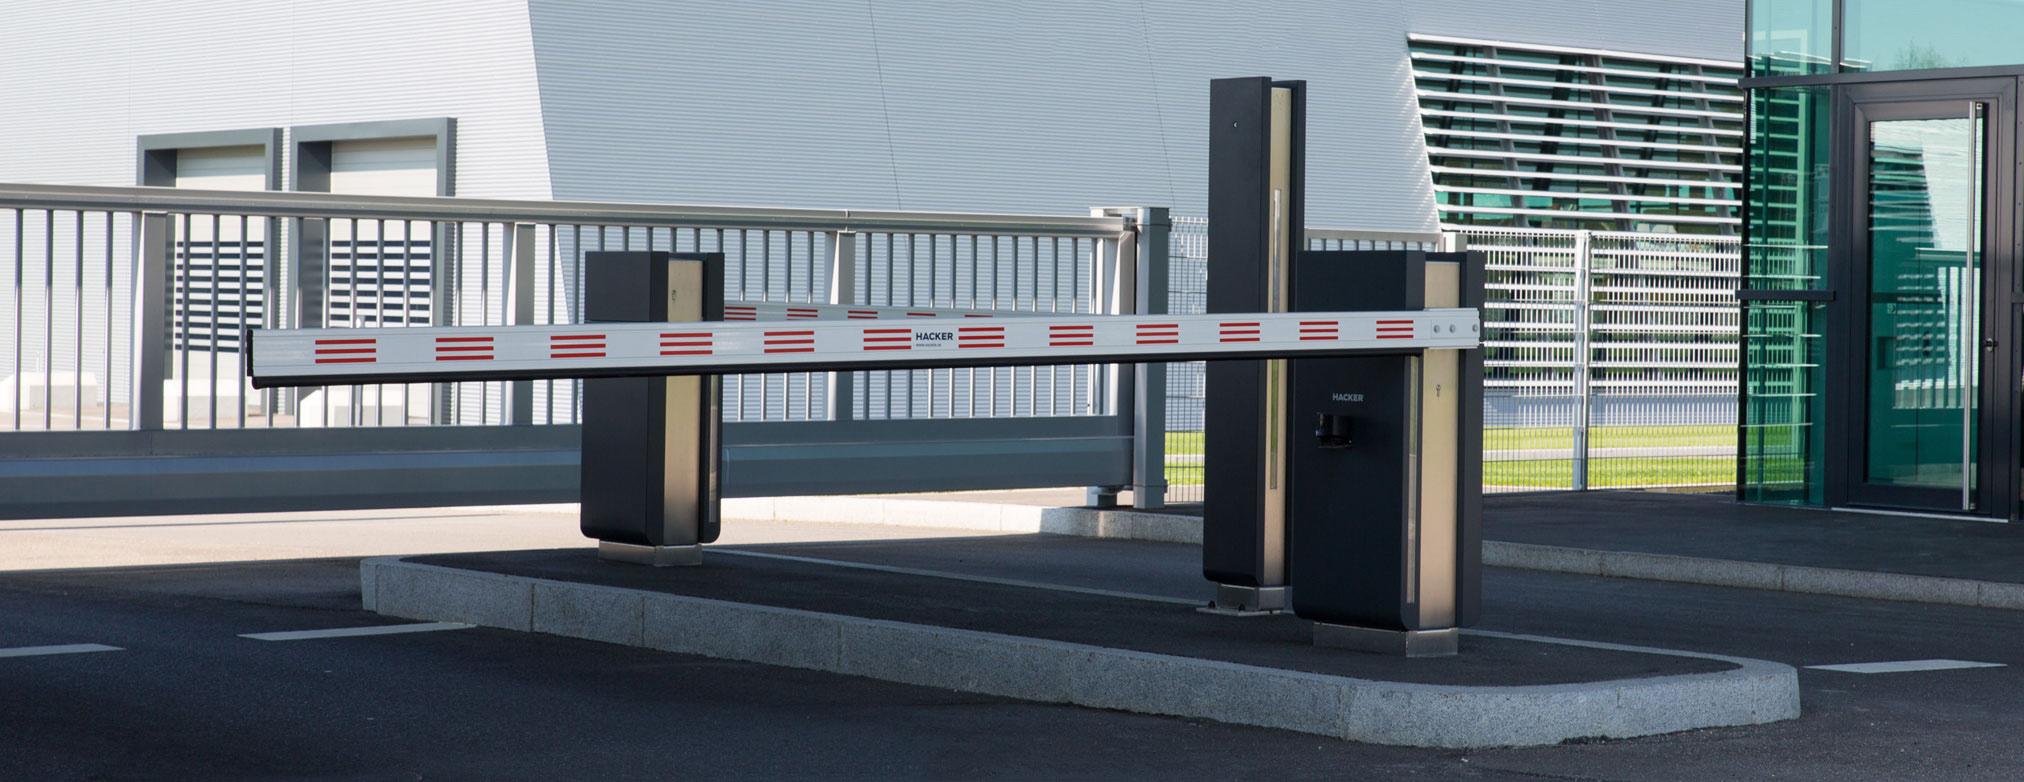 Schrankensysteme Automatikschranken Fur Werkszufahrten Parkplatze